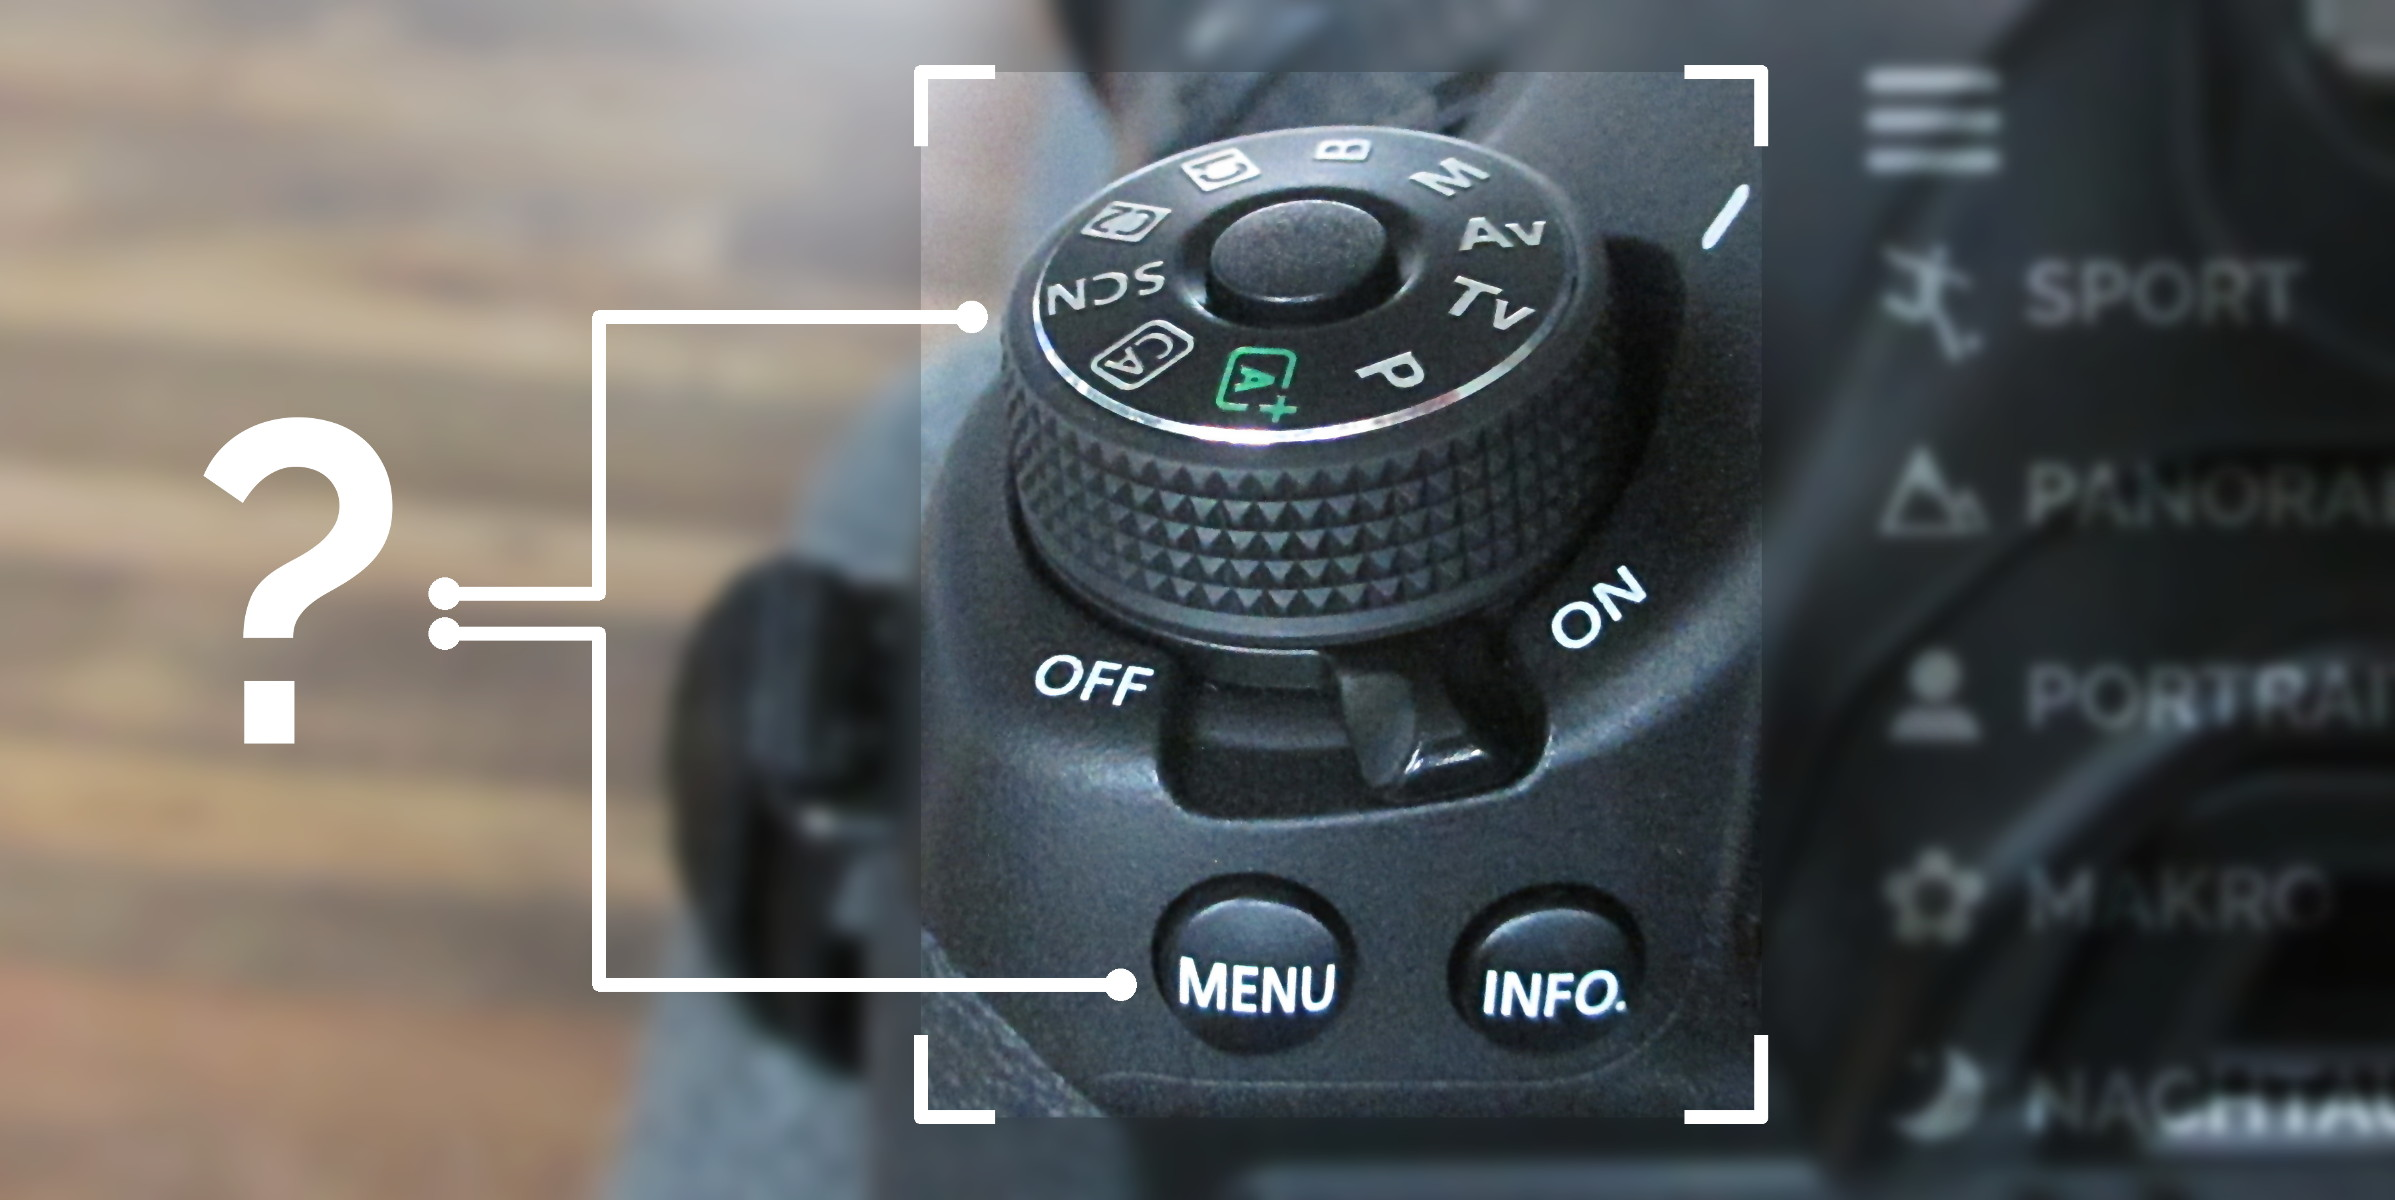 Besser fotografieren durch die richtige Einstellung: Kamera-Wählrad und Kameramenü